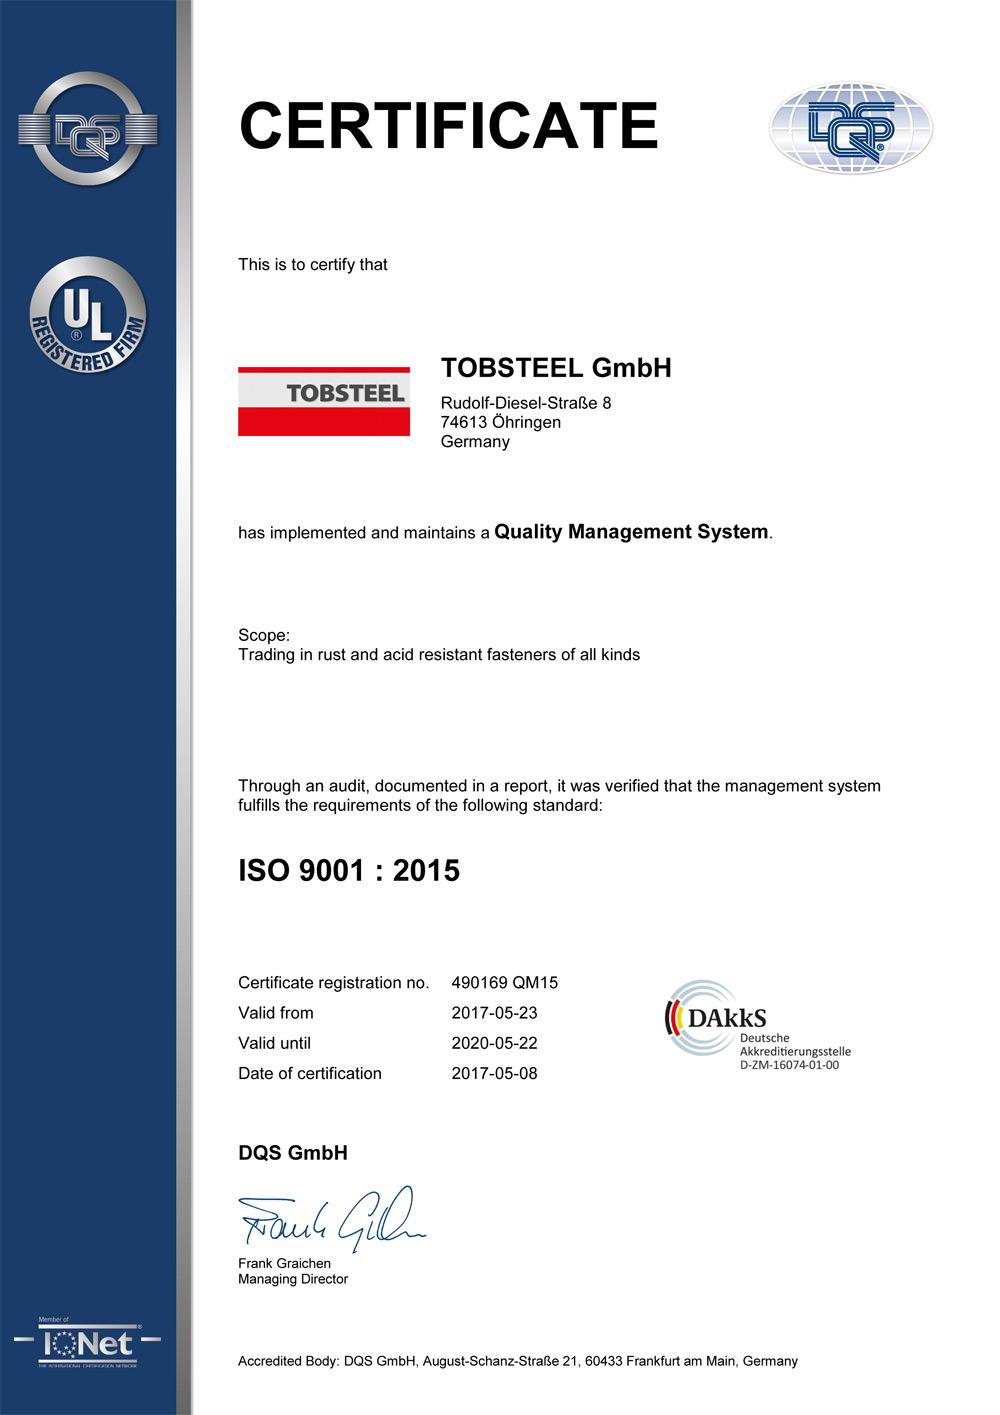 Qualität durch unsere Zertifizierung nach DIN EN ISO 9001:2015